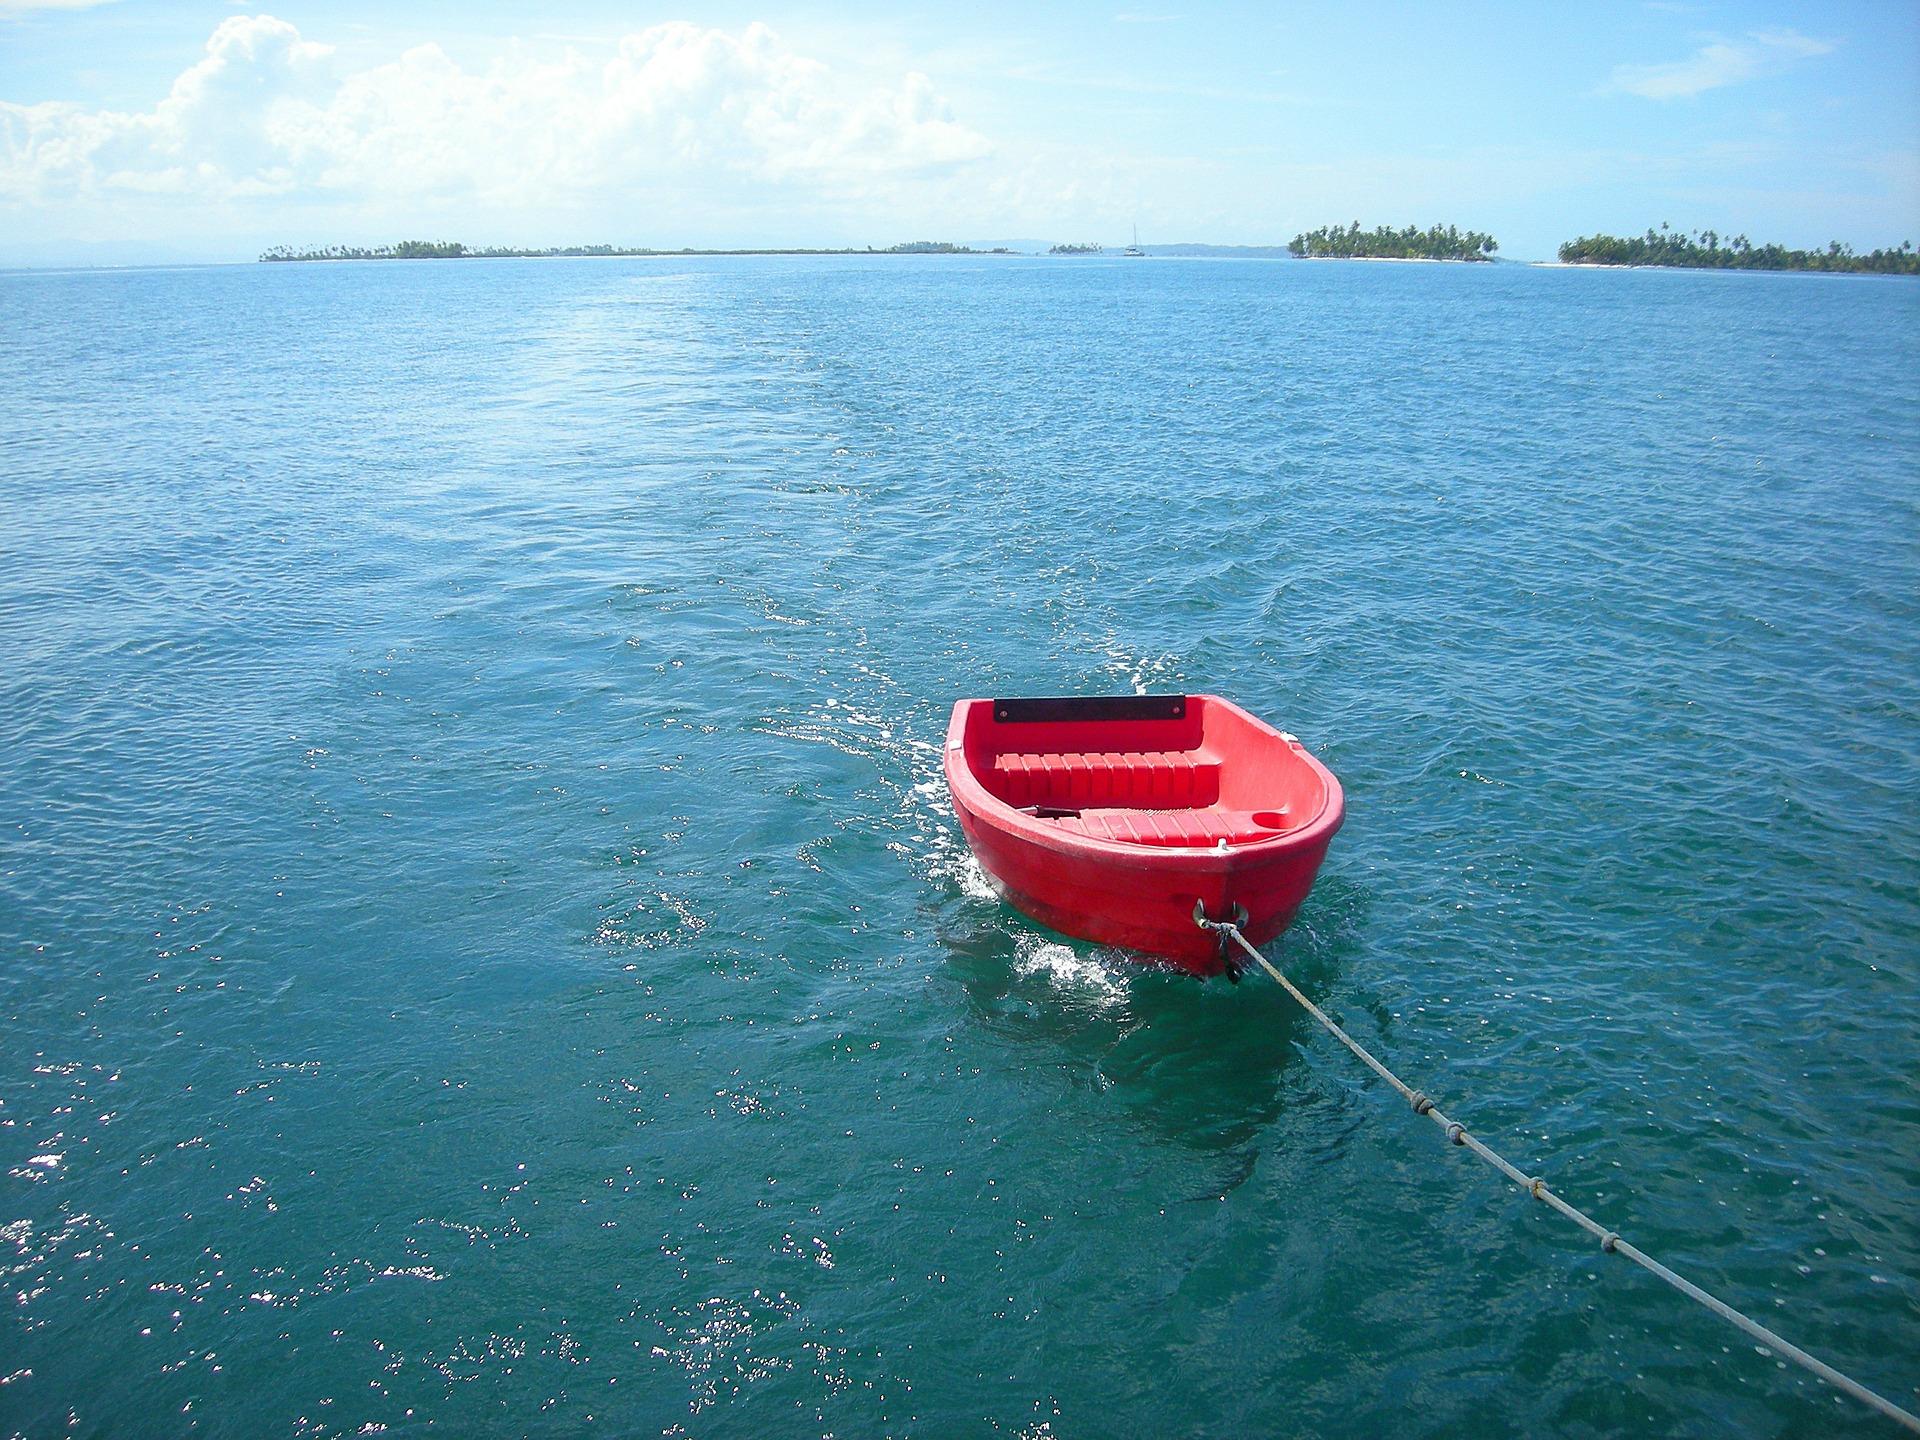 boat-19877_1920